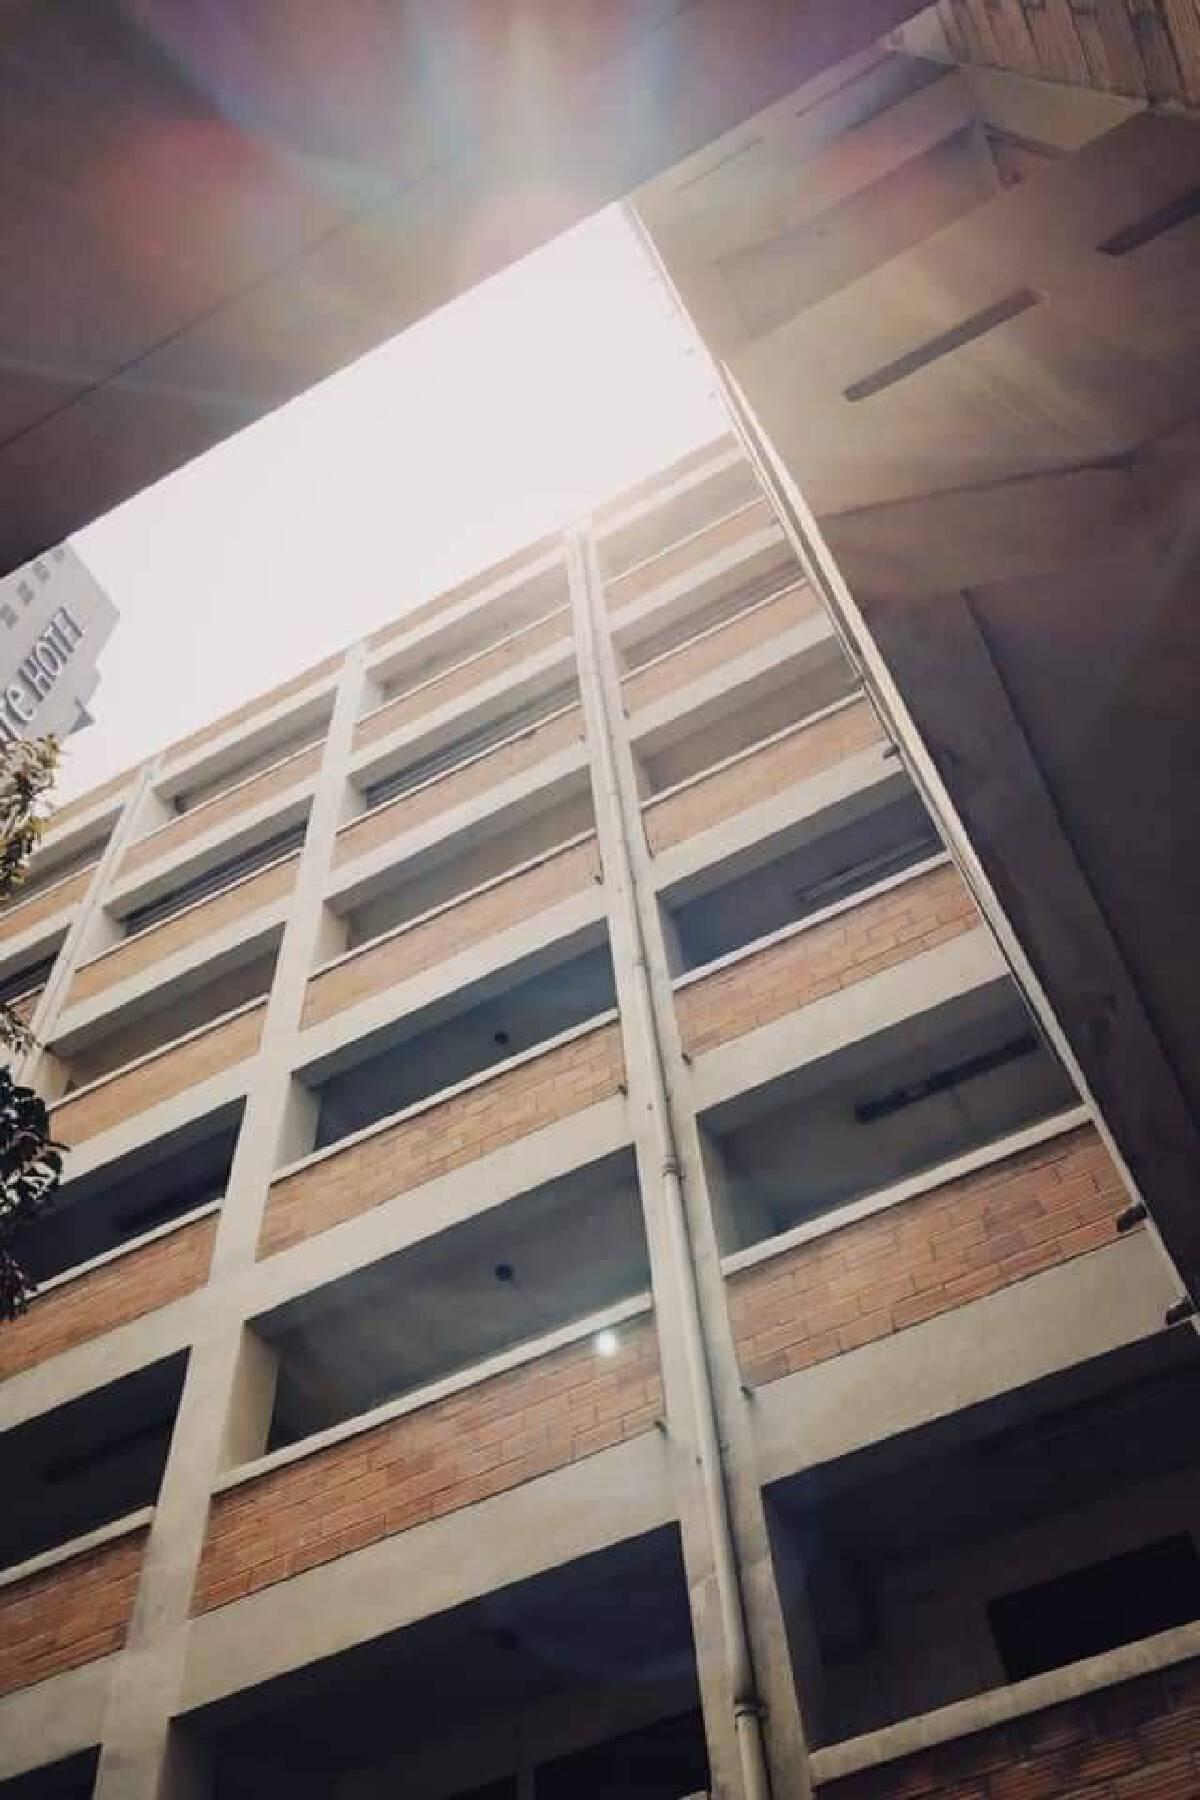 ปิดตำนาน 'ออสการ์อพาร์ทเม้นท์' หอผีดุ แห่งภาพยนตร์ดัง บุปผาราตรี